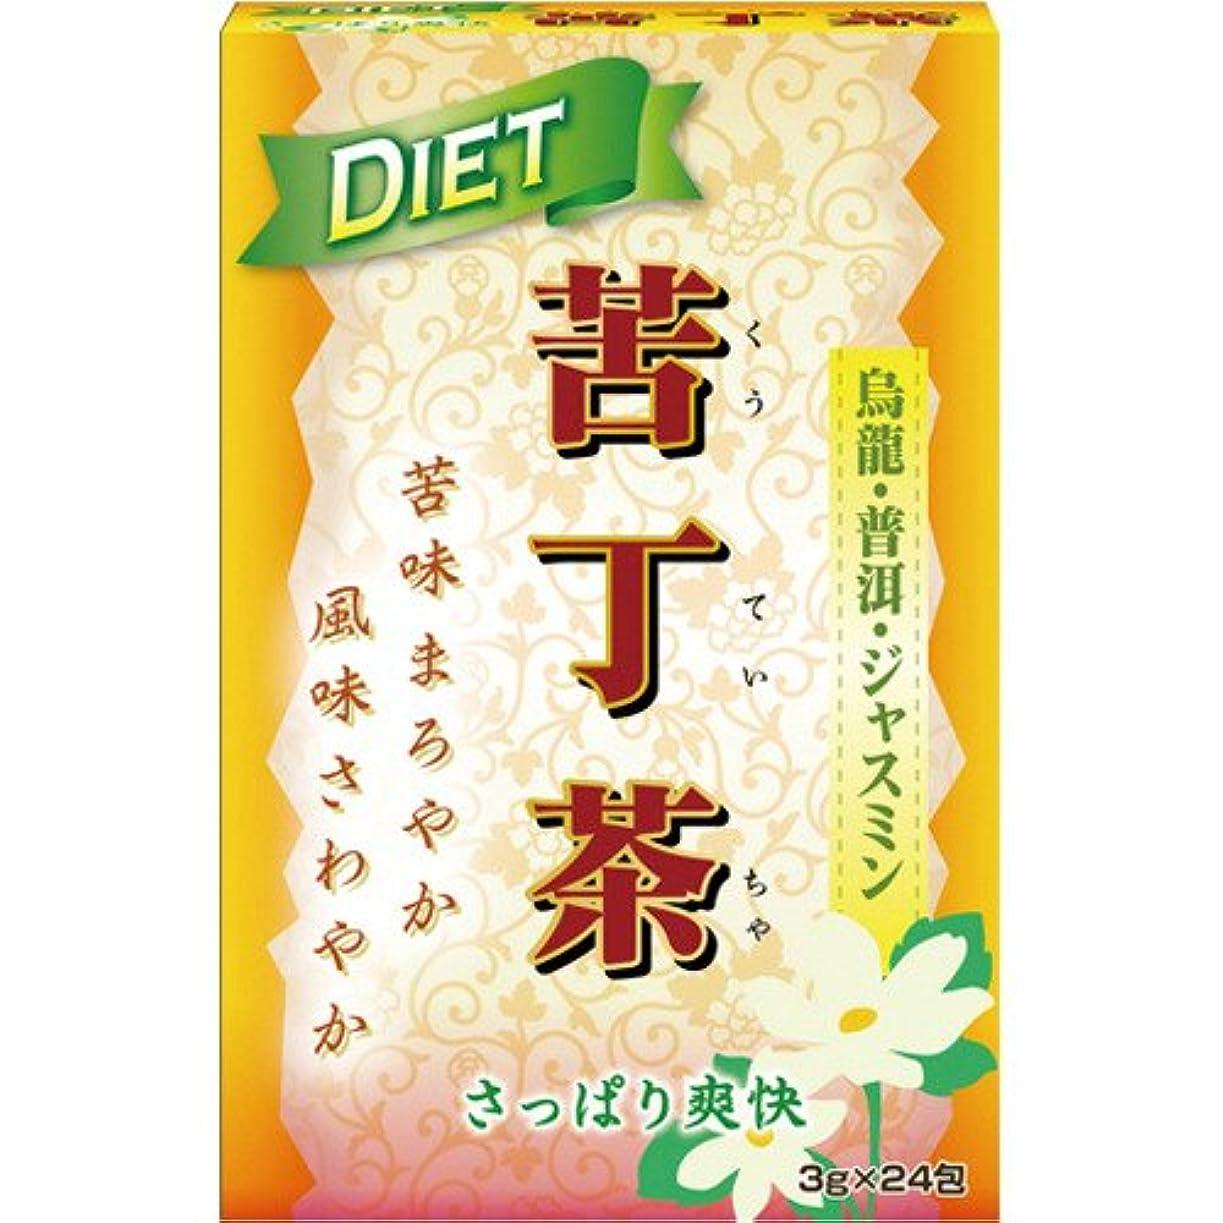 基準ワイド関与するダイエット苦丁茶 3g×24包